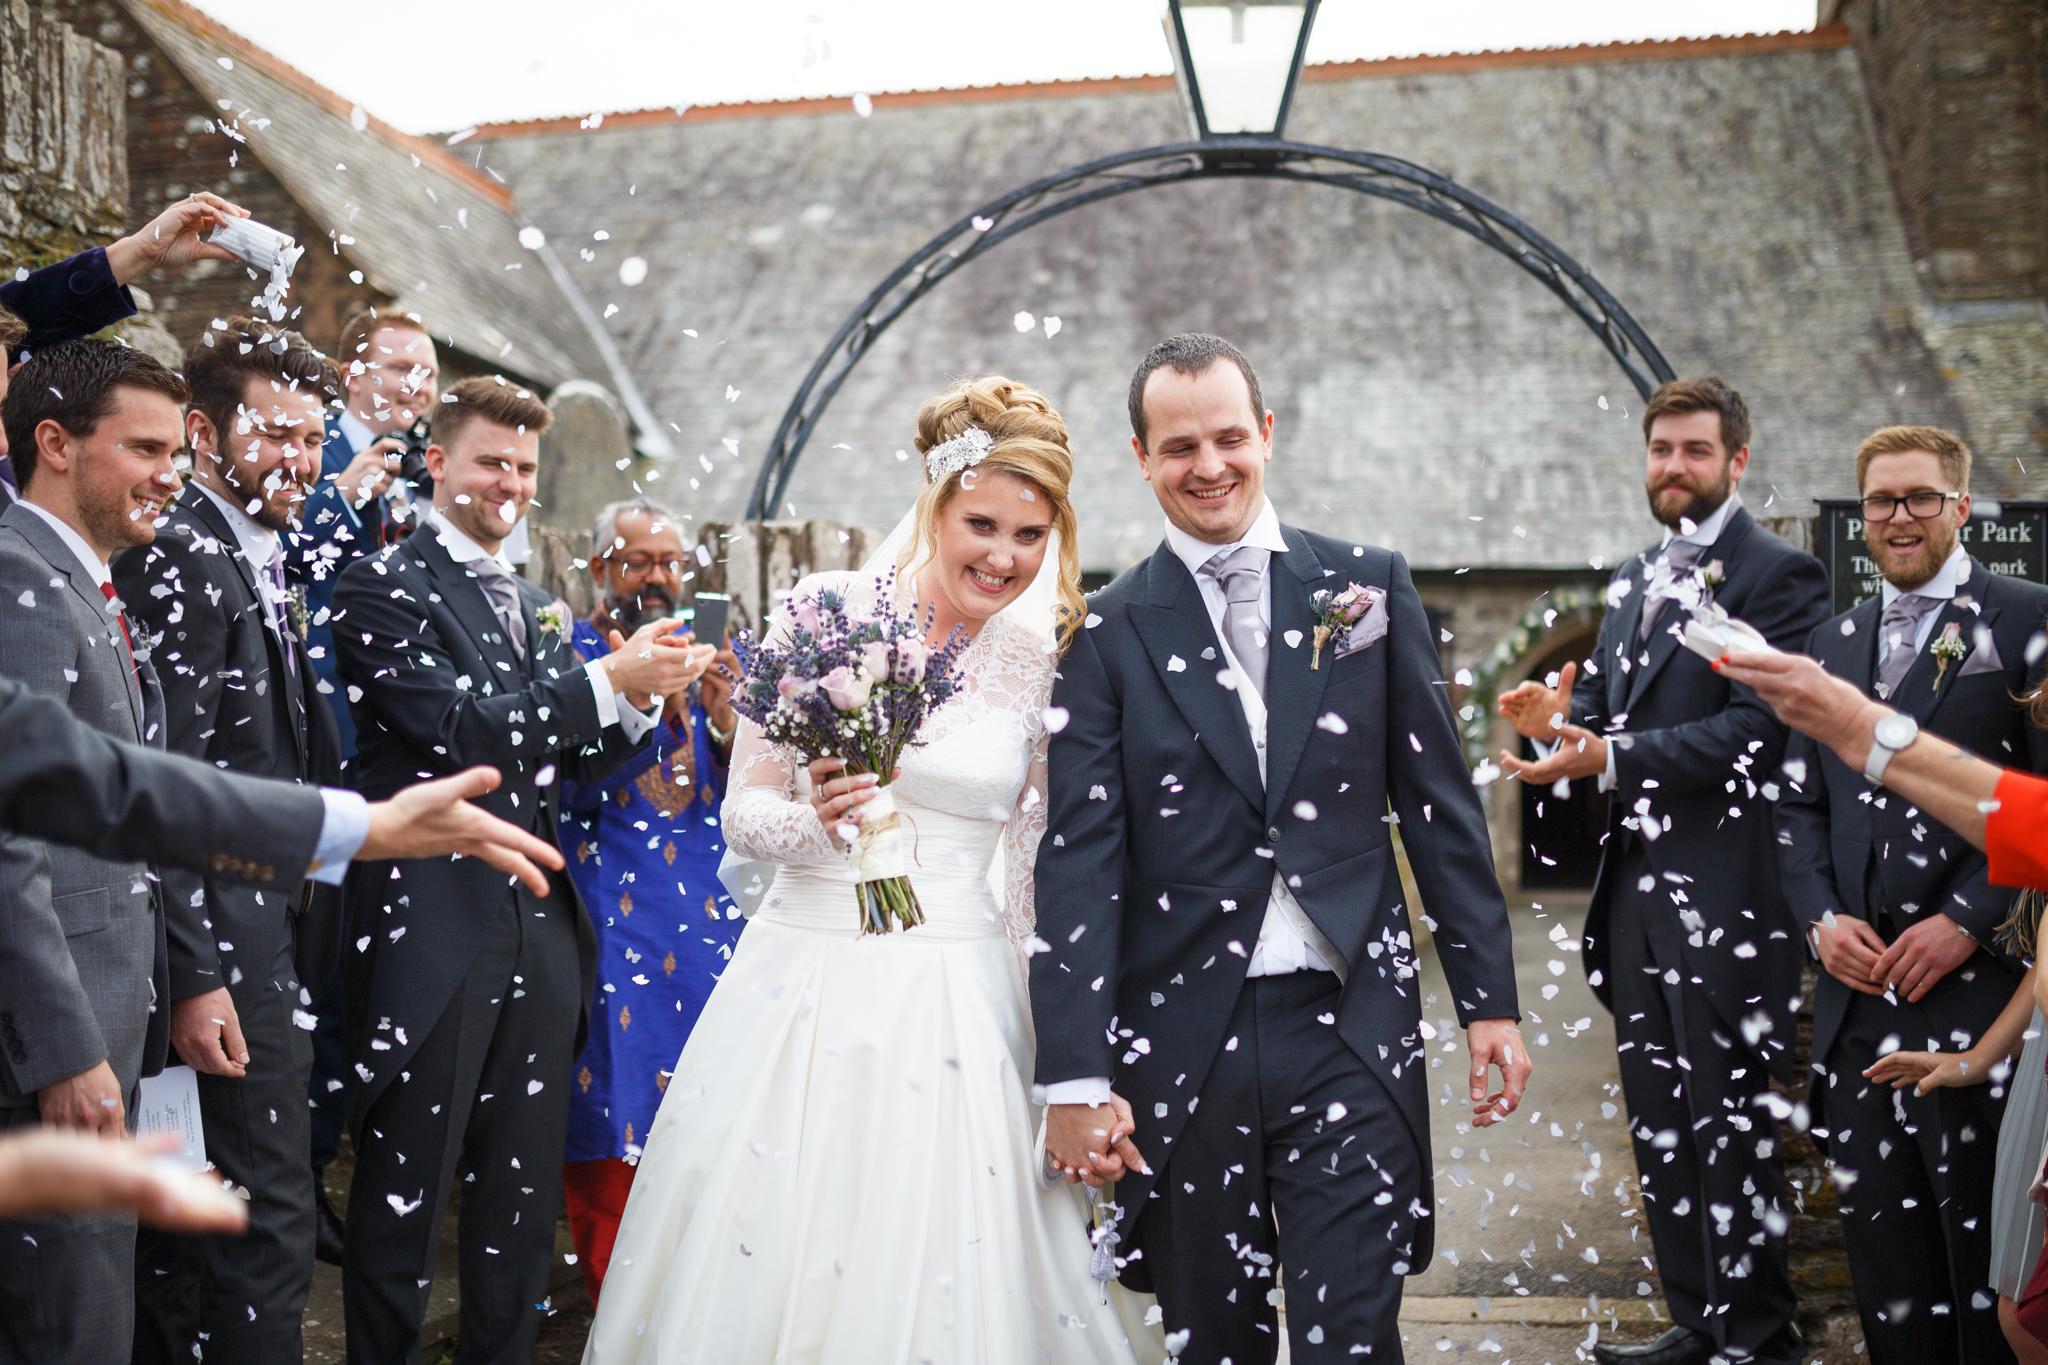 Simon_Rawling_Wedding_Photography-418.jpg